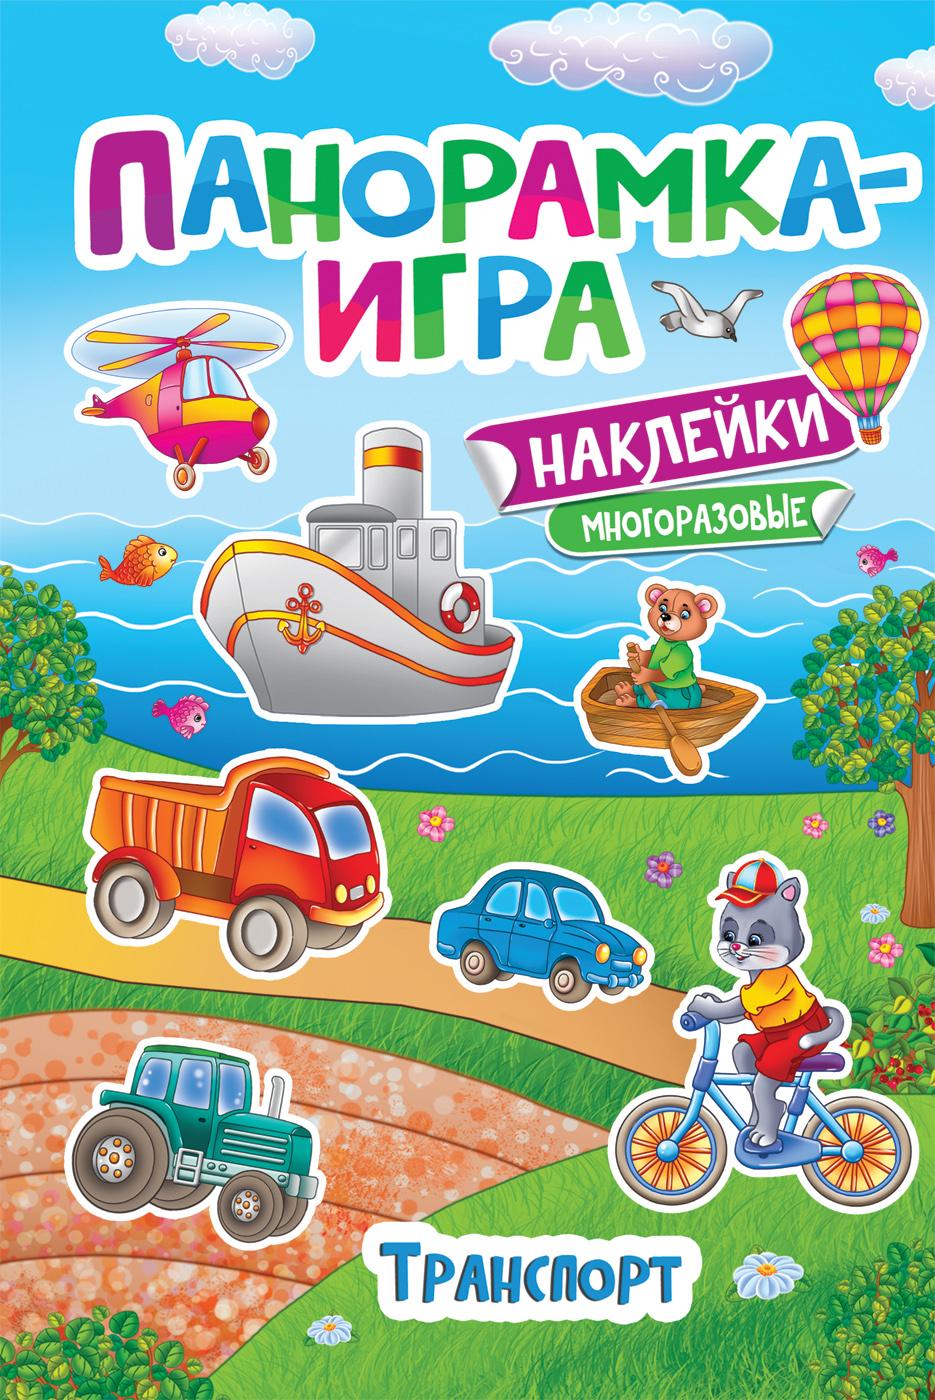 Котятова Н. И. Панорамка-игра. Транспорт